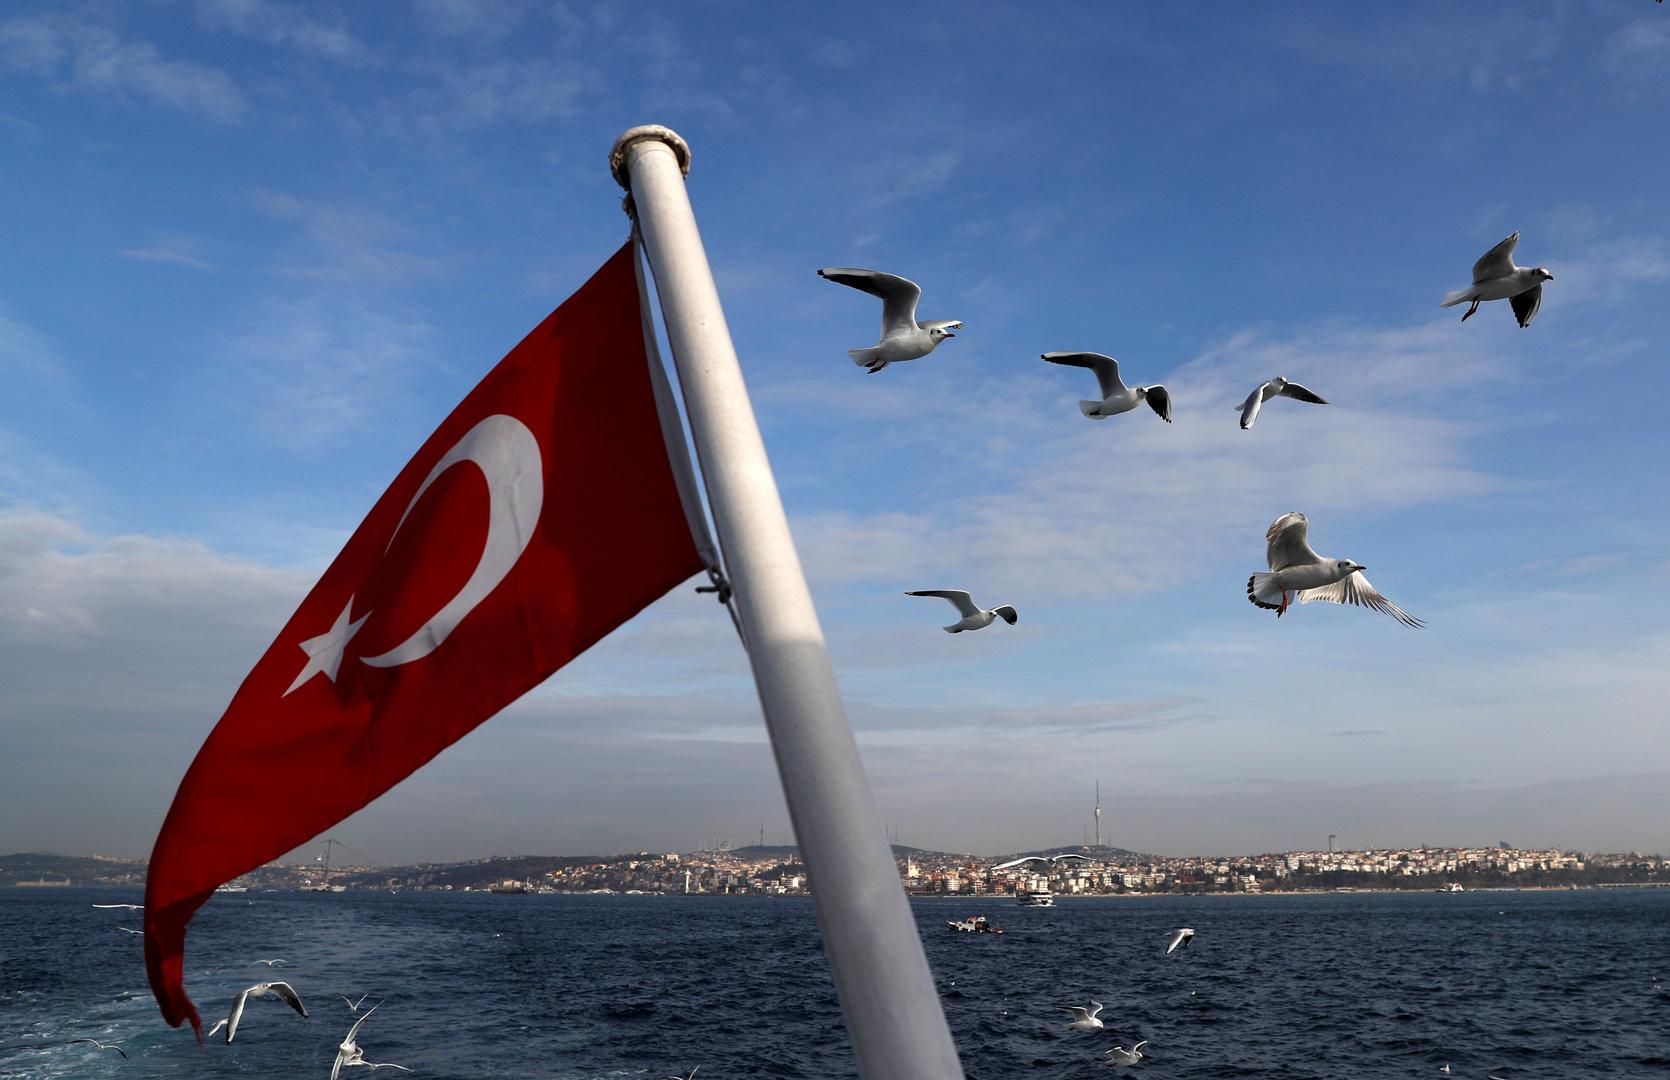 تركيا: مزاعم اليونان بشأن جرفها القاري تناقض القانون وسنواصل الدفاع عن حقوقنا في المتوسط